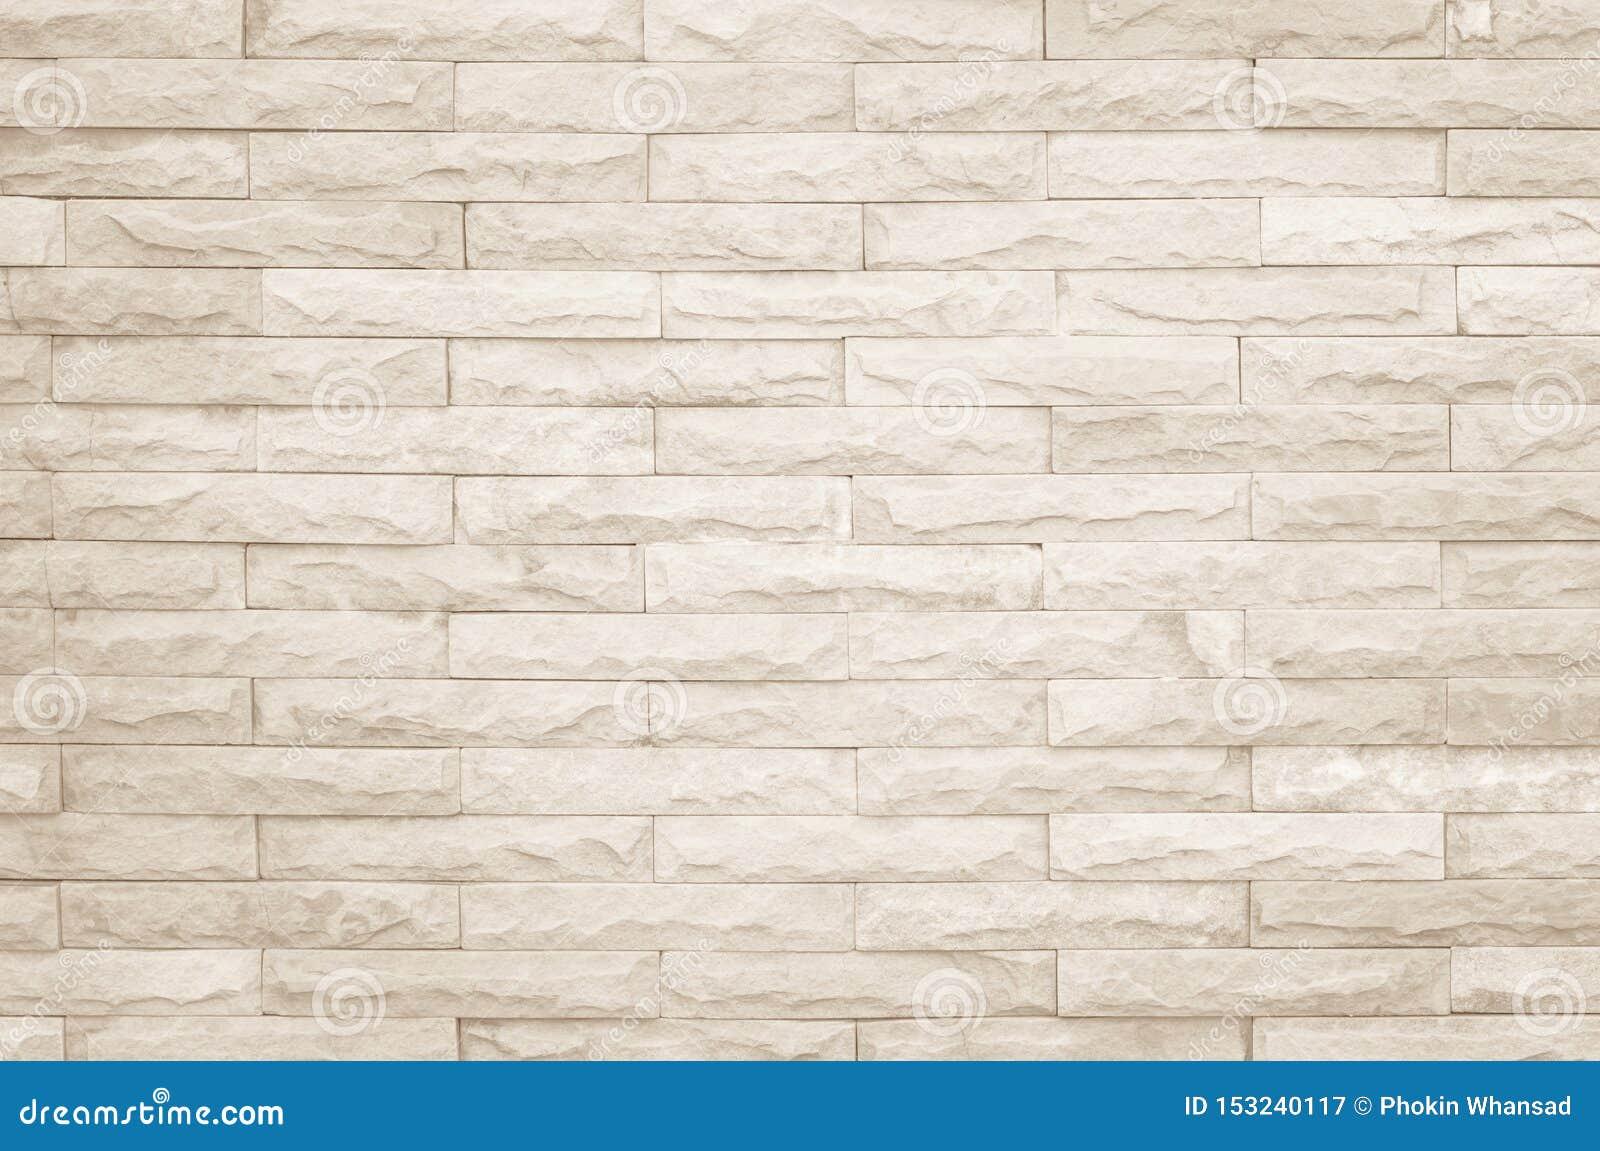 Pietre Bianca Per Interni sfondo di crema e parete bianca immagine stock - immagine di